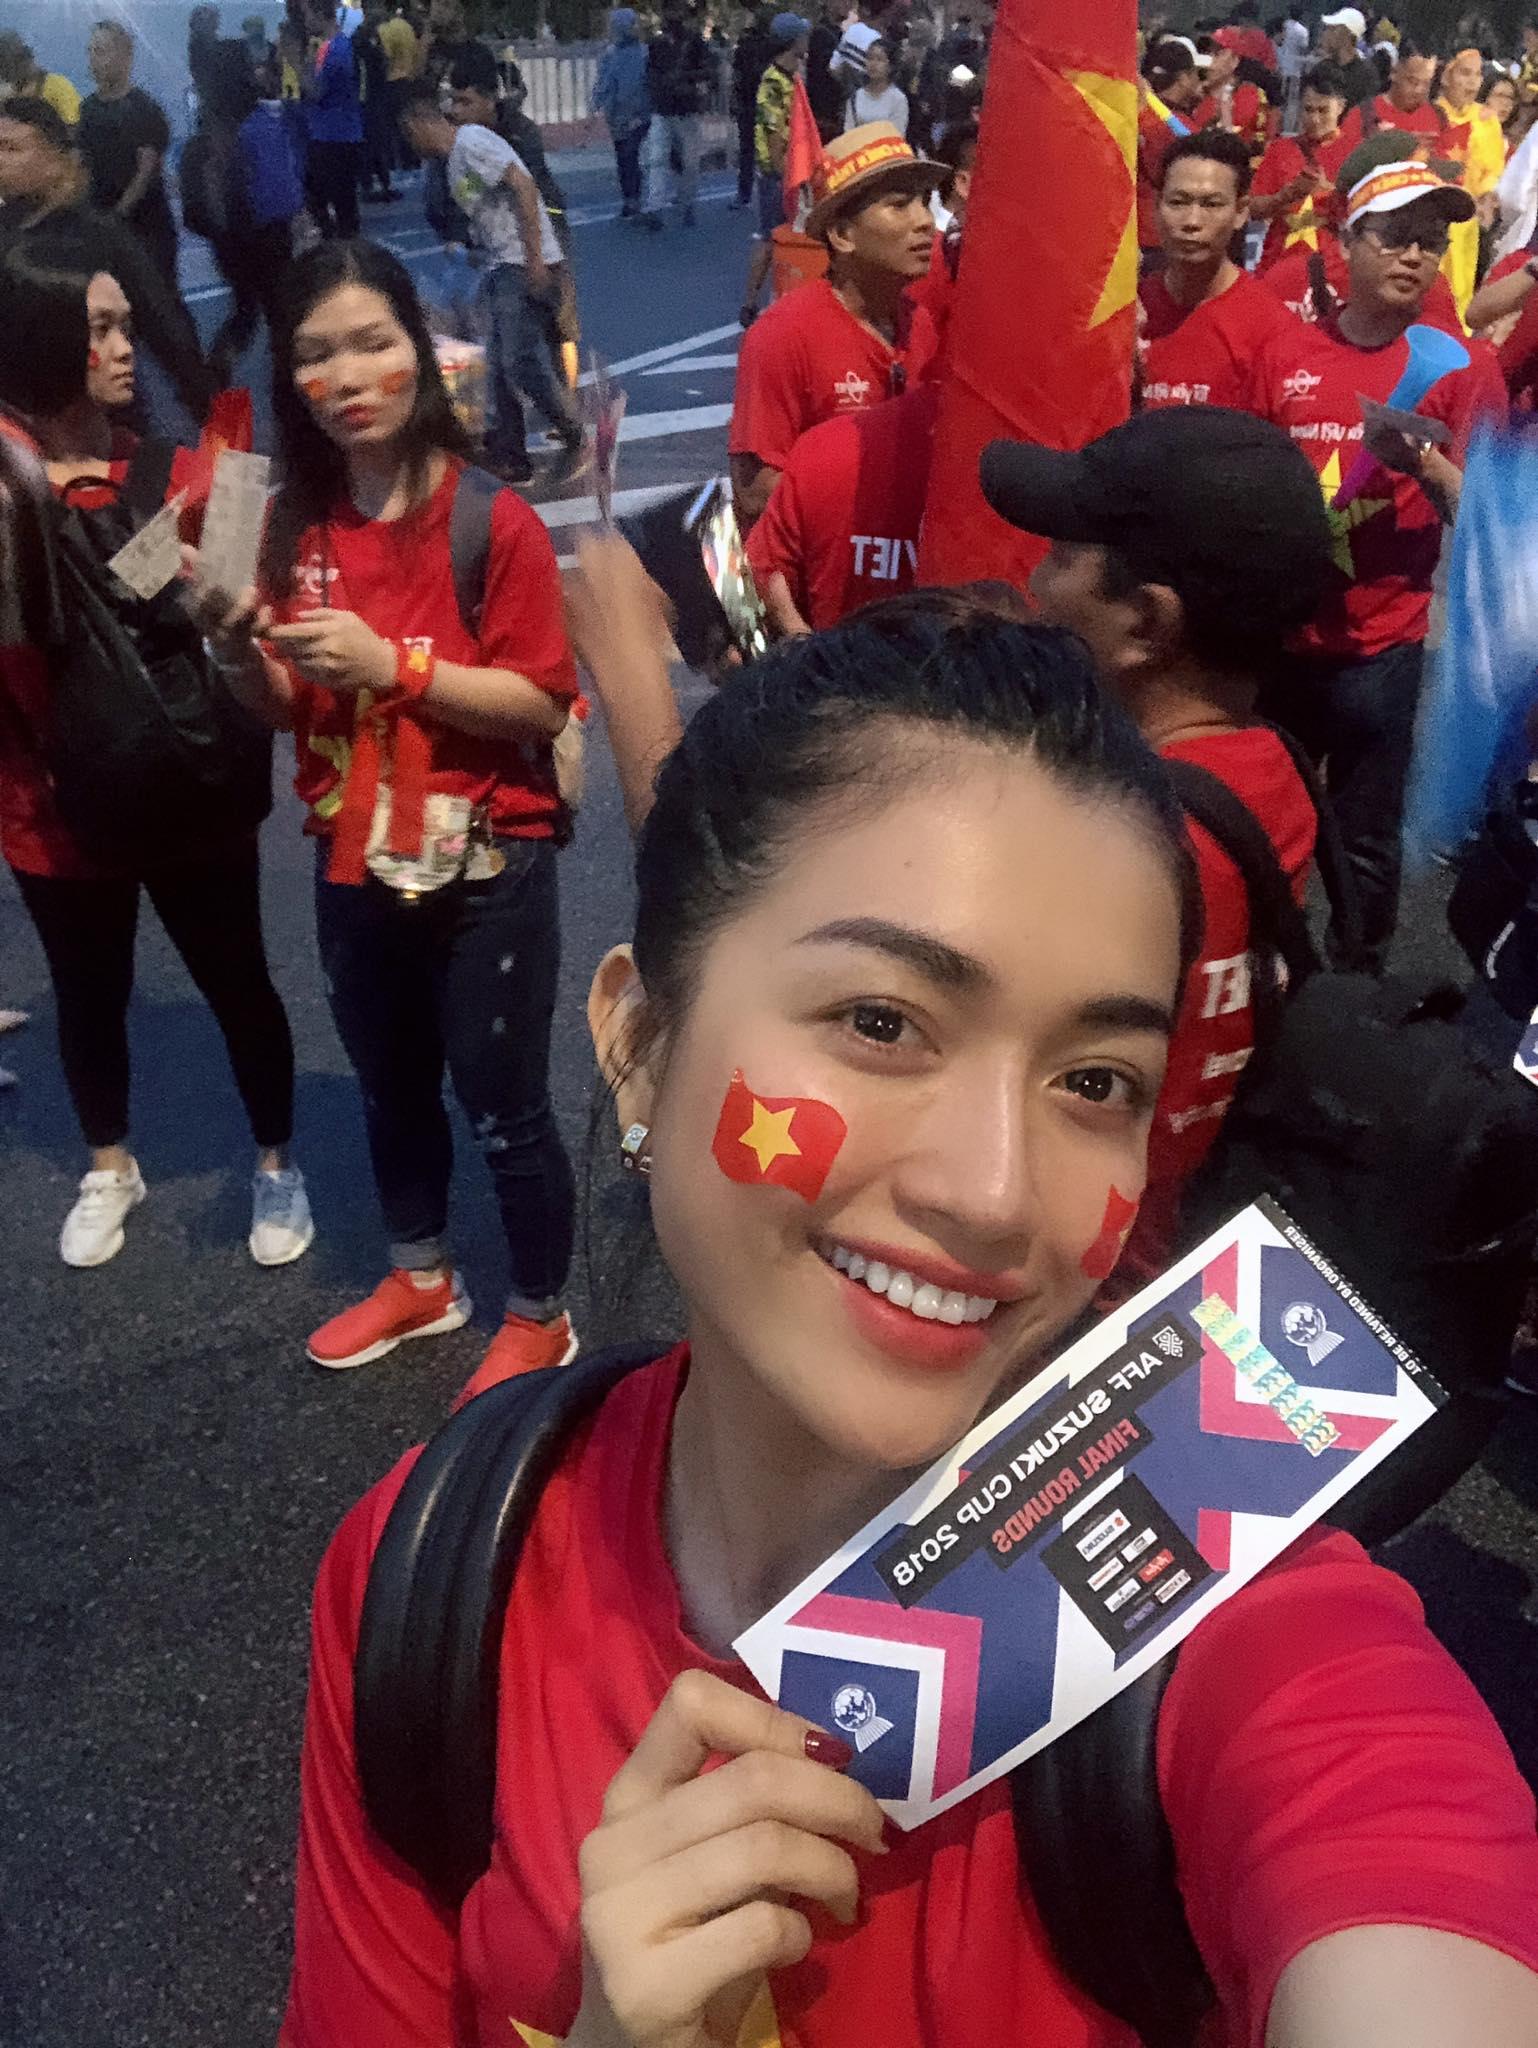 Á hậu Lệ Hằng liều xông vào ngồi giữa cổ động viên Malaysia: Cái kết bất ngờ - 1